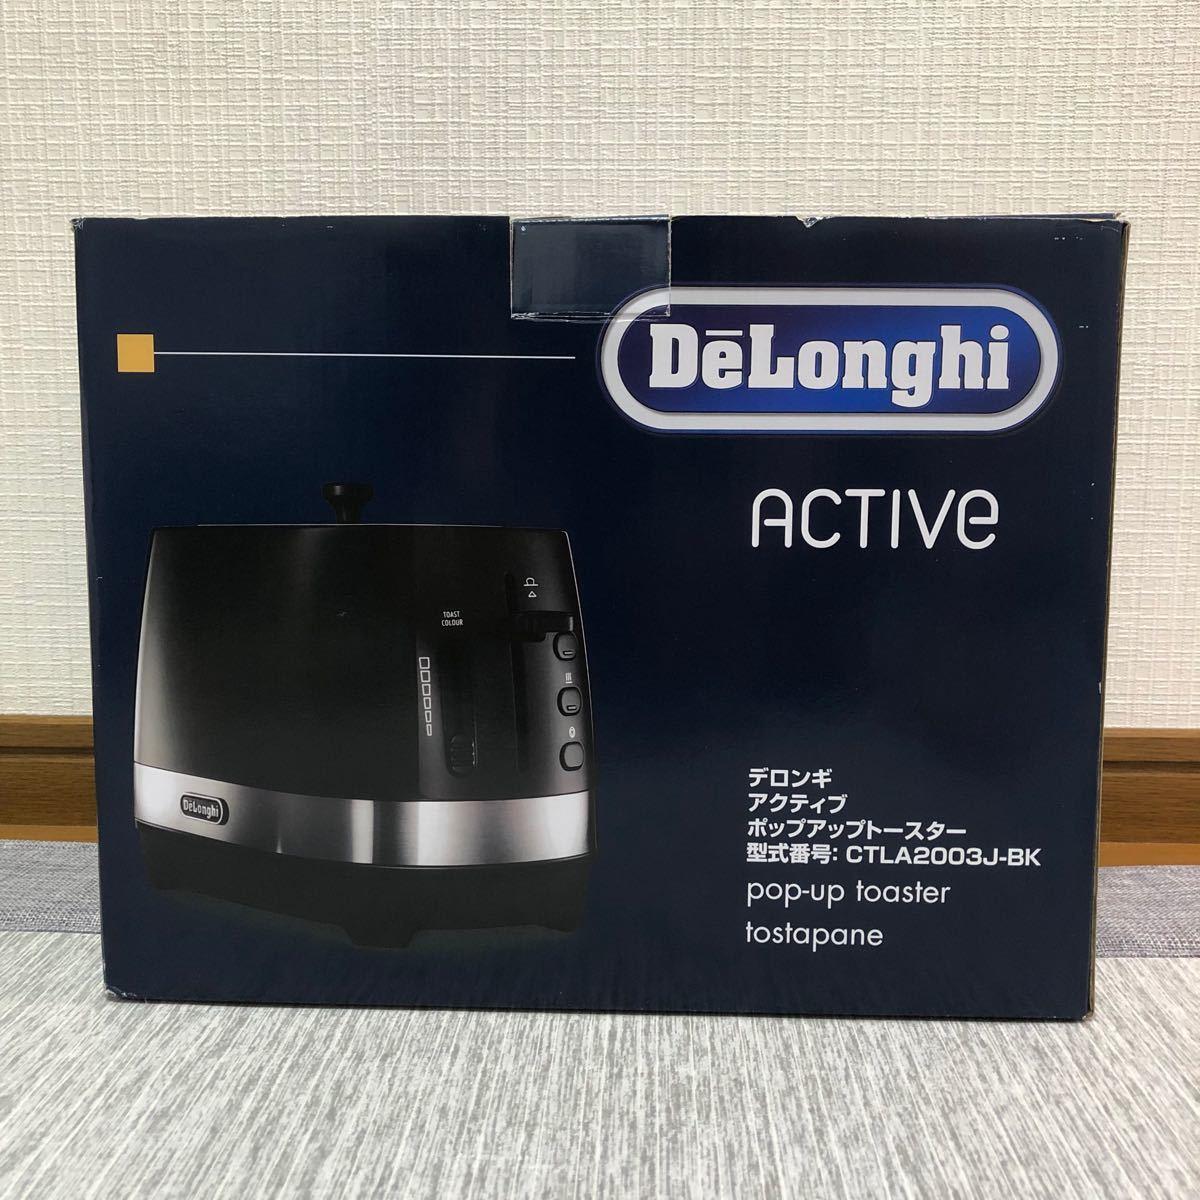 デロンギ アクティブ ポップアップトースターDeLonghi トースター CTLA2003J-BK 新品 未使用